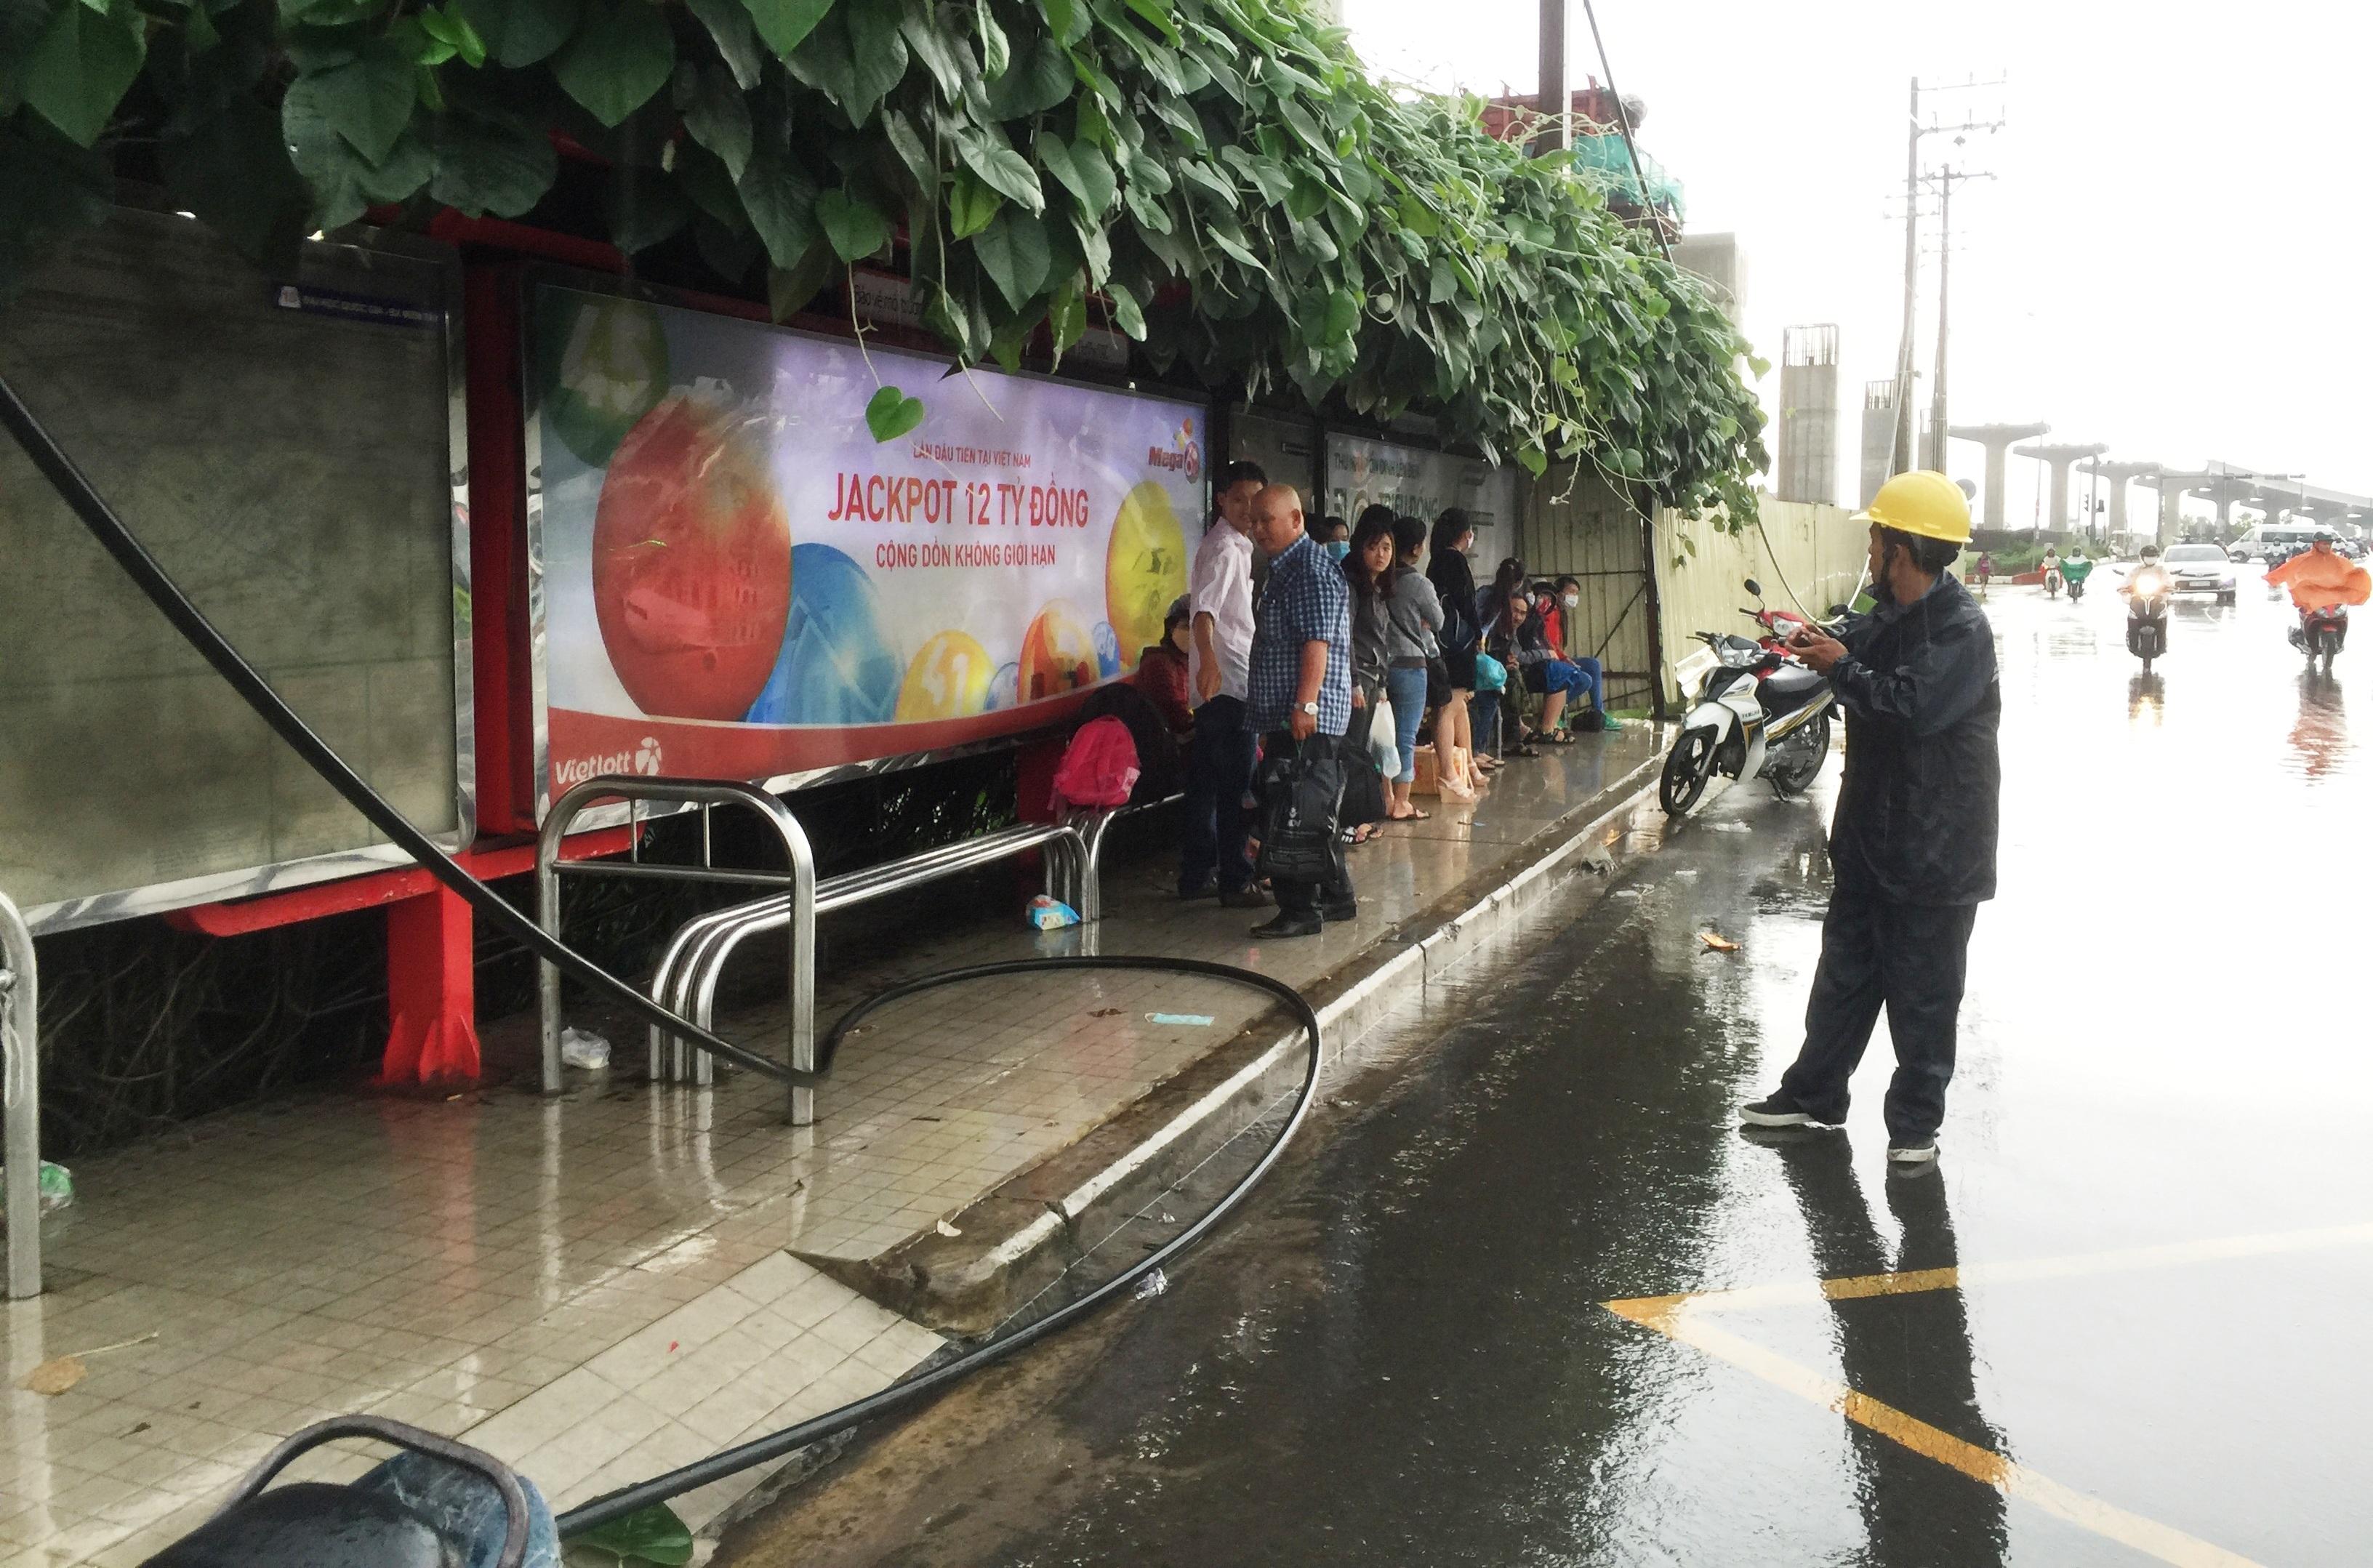 Dây điện đứt ngang, toé lửa rơi xuống đường, ngay sát những người dân đang trú mưa.